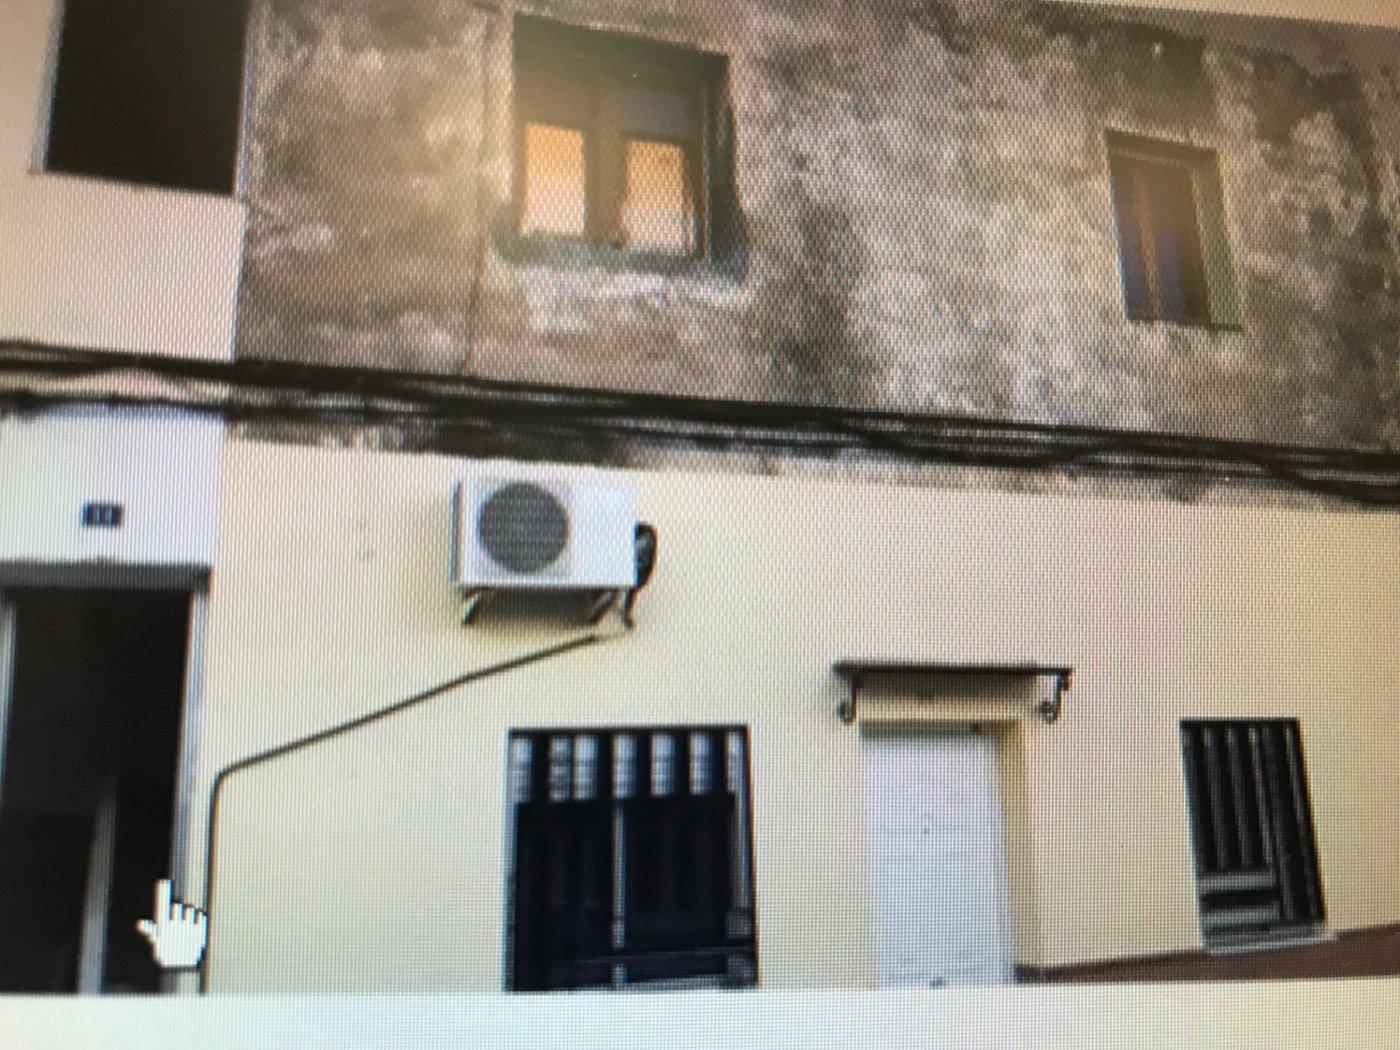 flats venta in la vall d´uixo vall dââ uixo